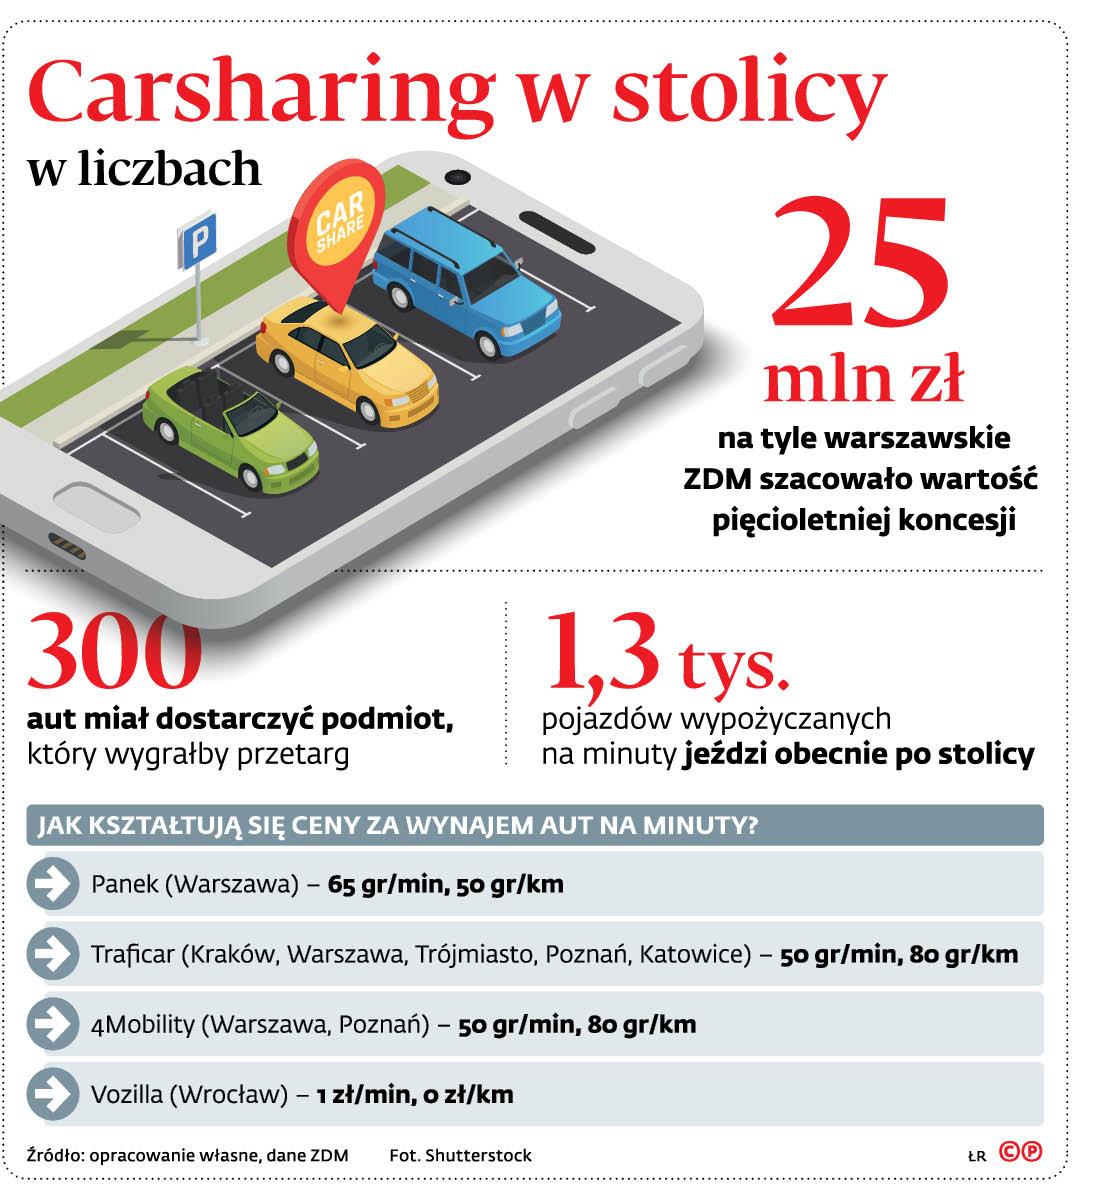 Carsharing w stolicy w liczbach